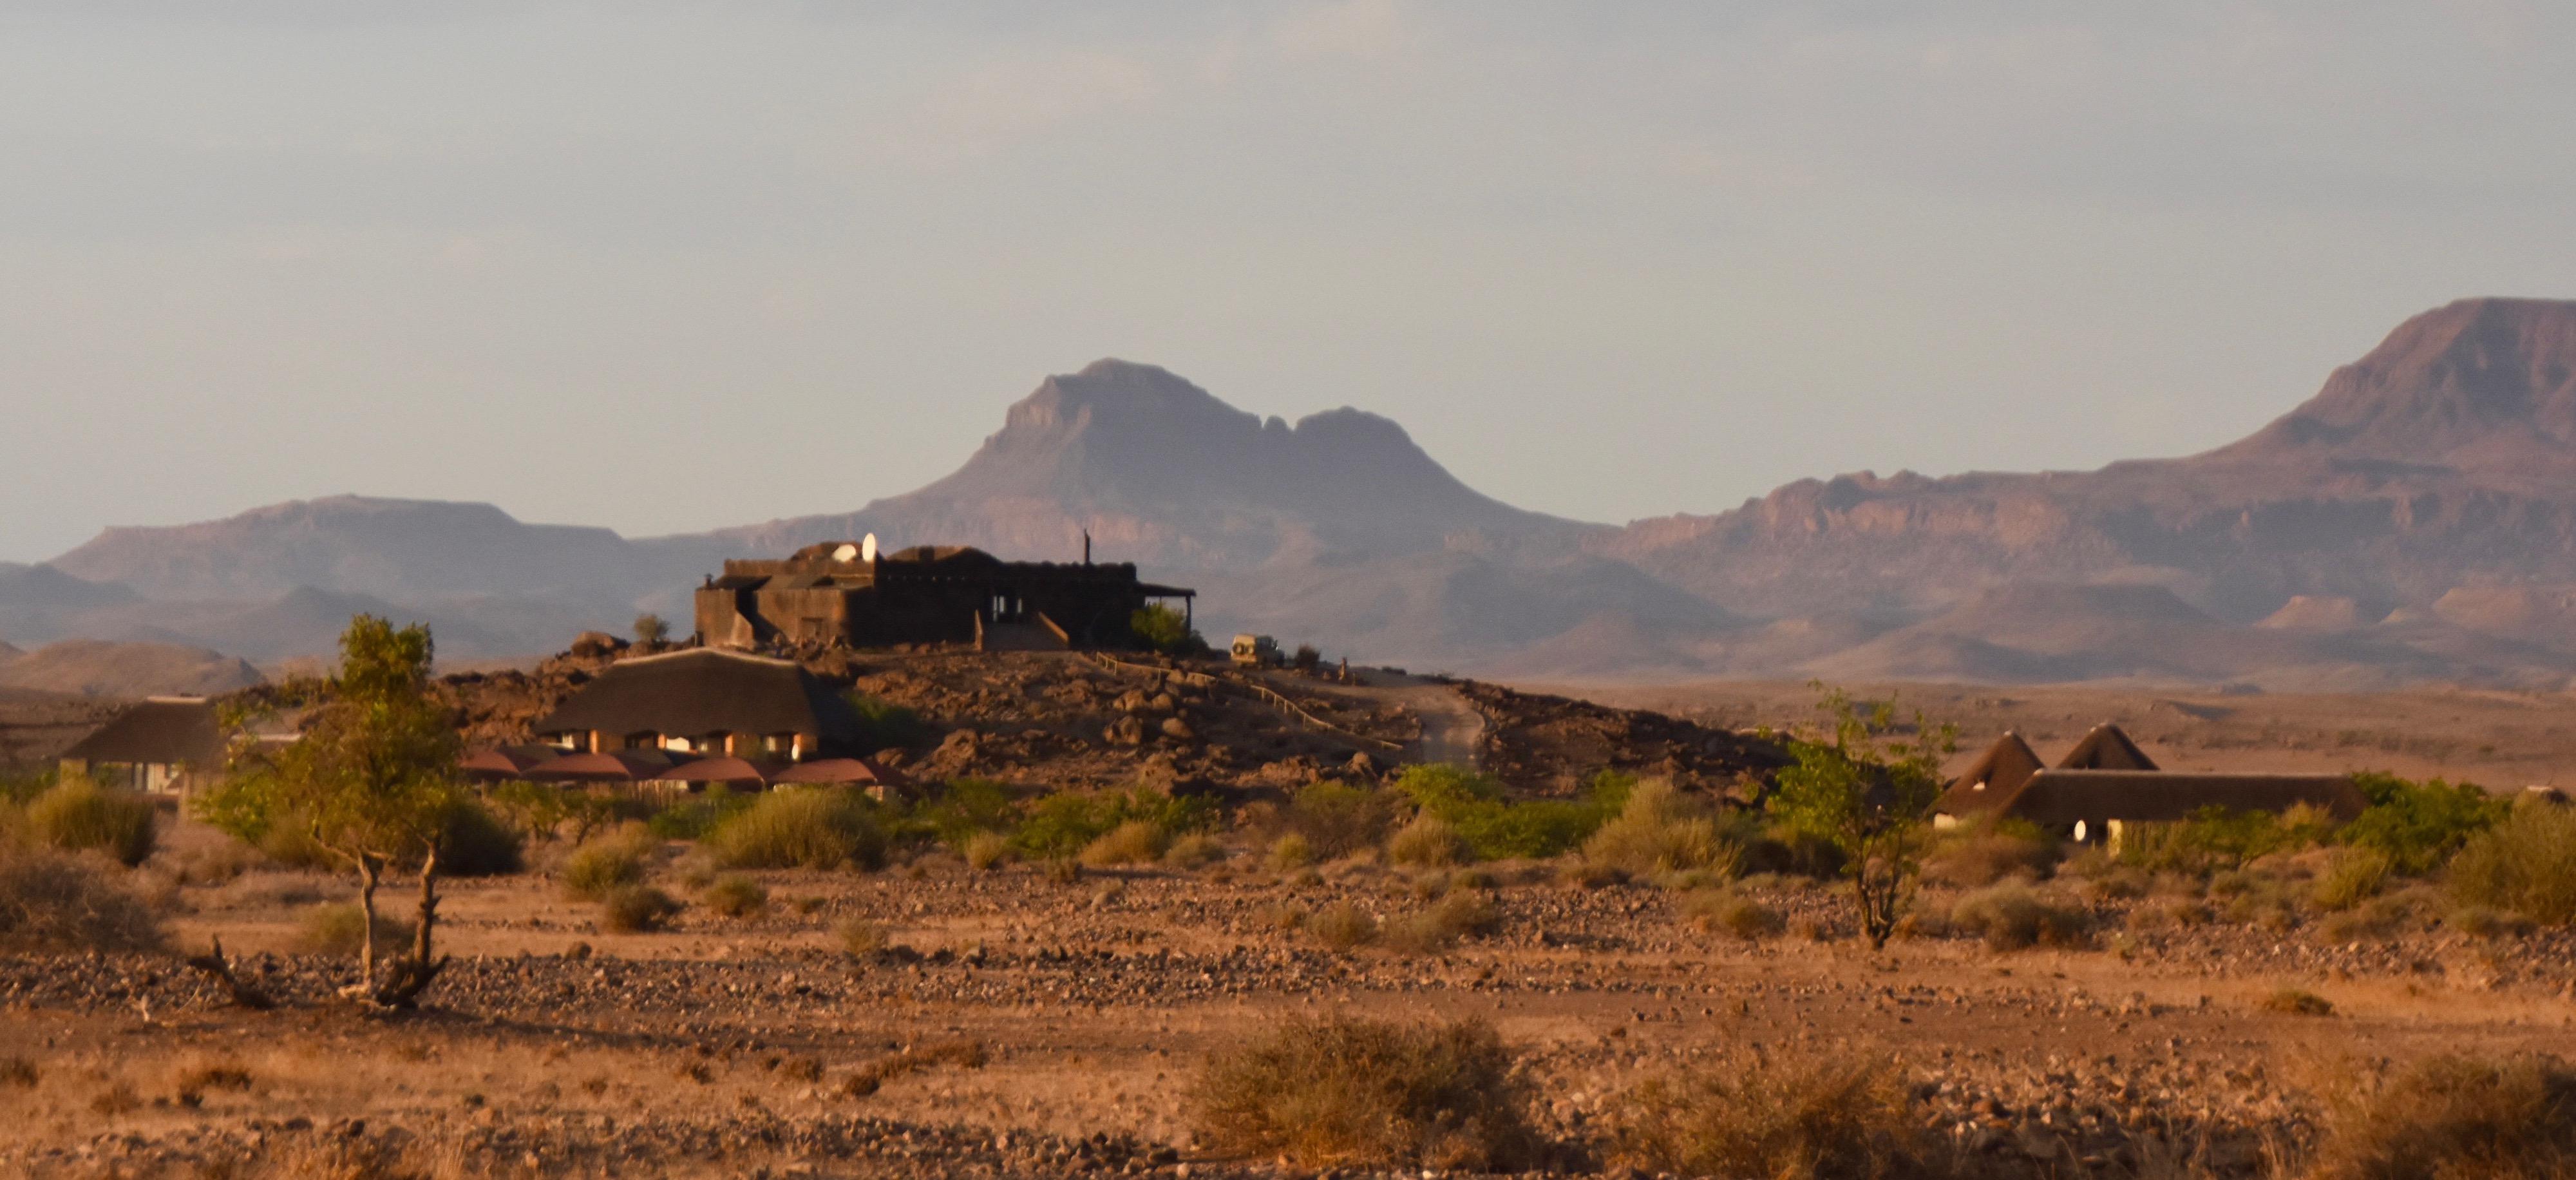 Doro Nawas Lodge, Damaraland